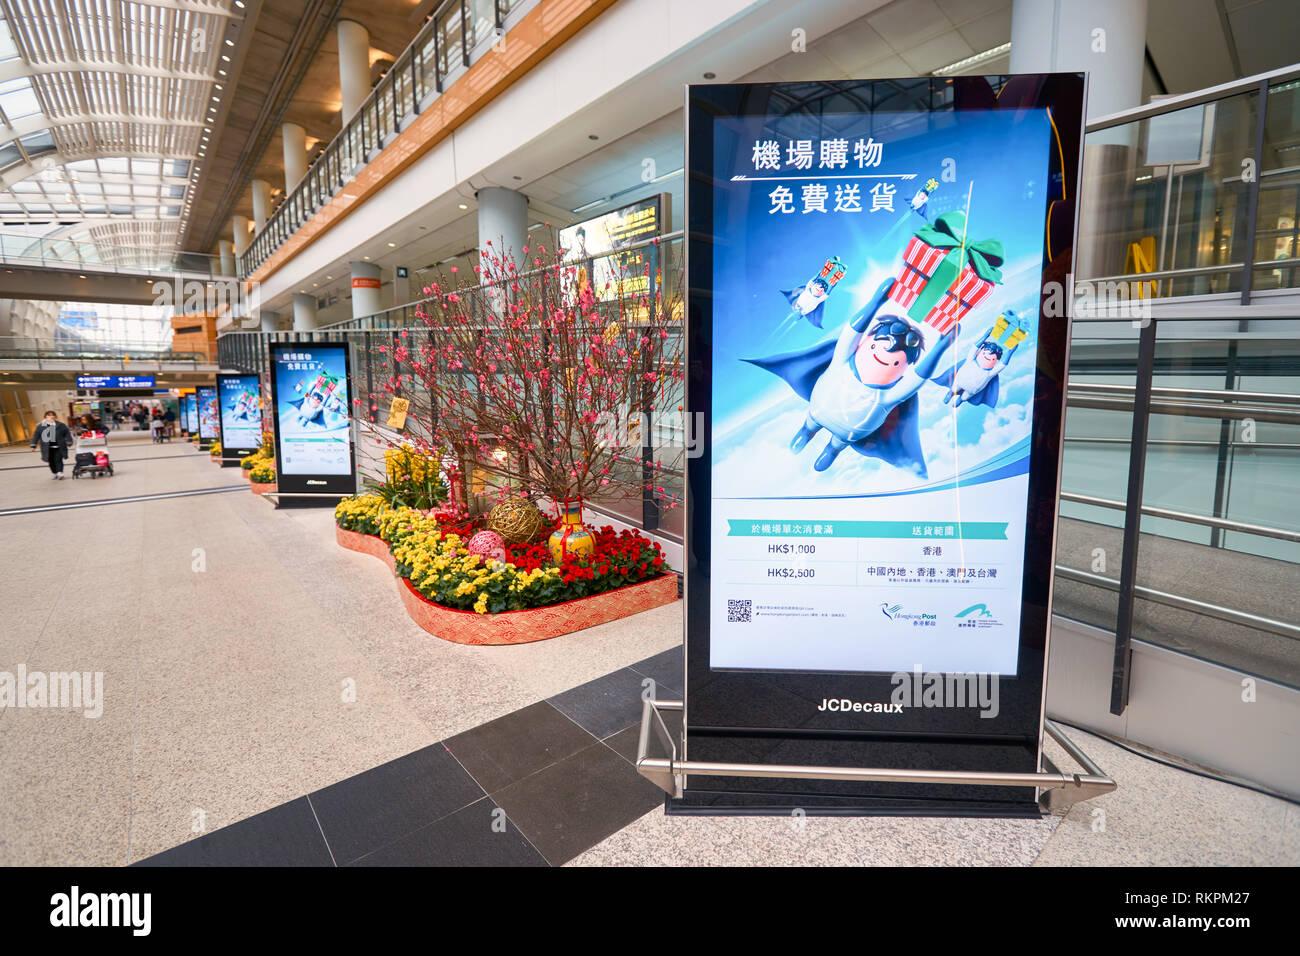 HONG KONG - 29 JANUARY, 2016: inside of Hong Kong International Airport. Hong Kong International Airport is the main airport in Hong Kong. - Stock Image